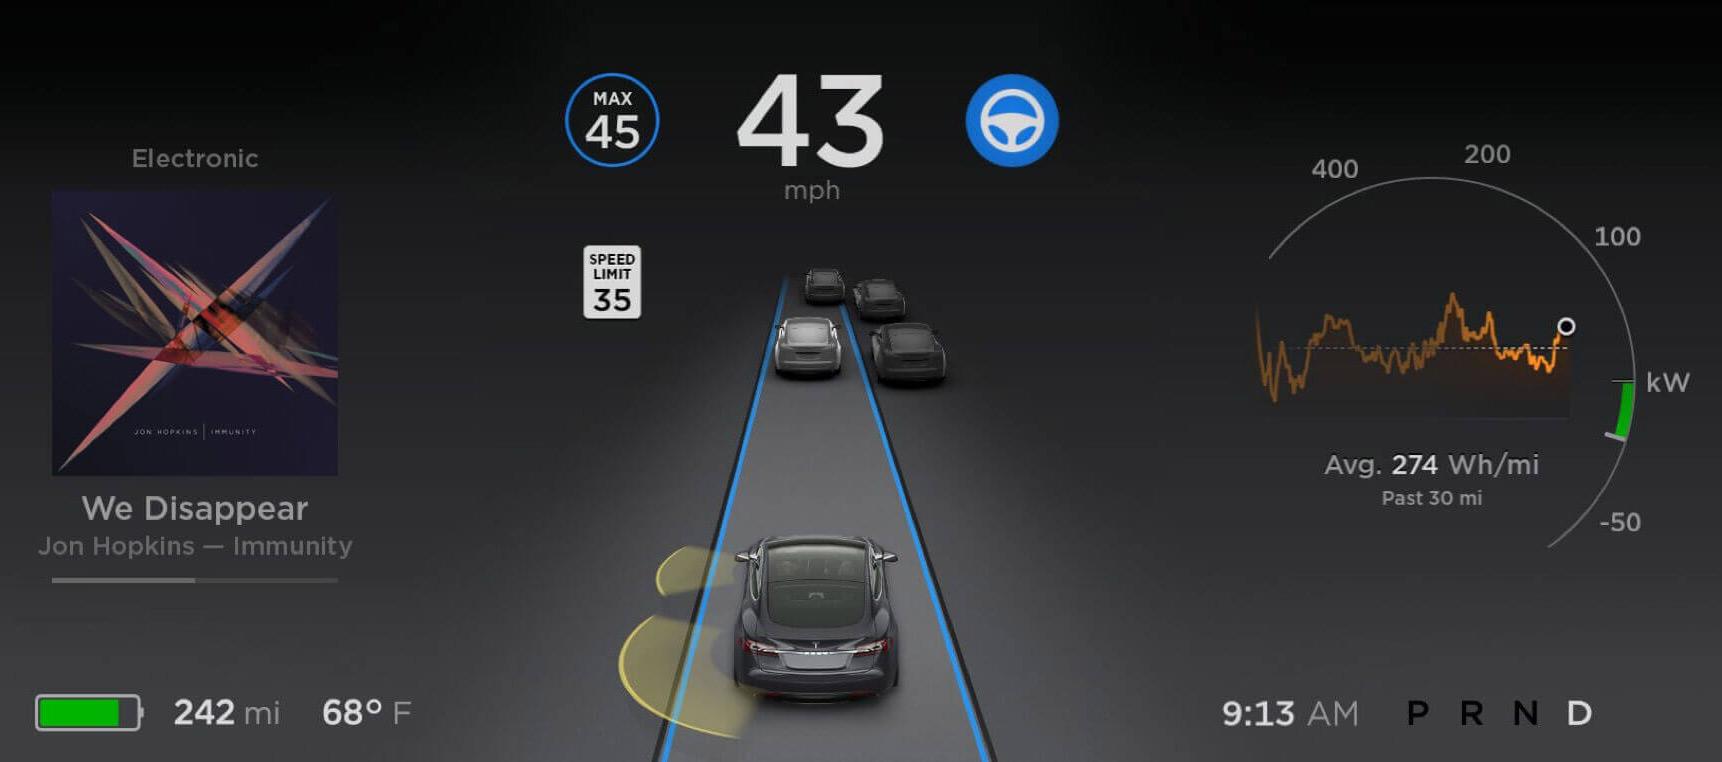 Tesla 8.0 autopilot dashboard